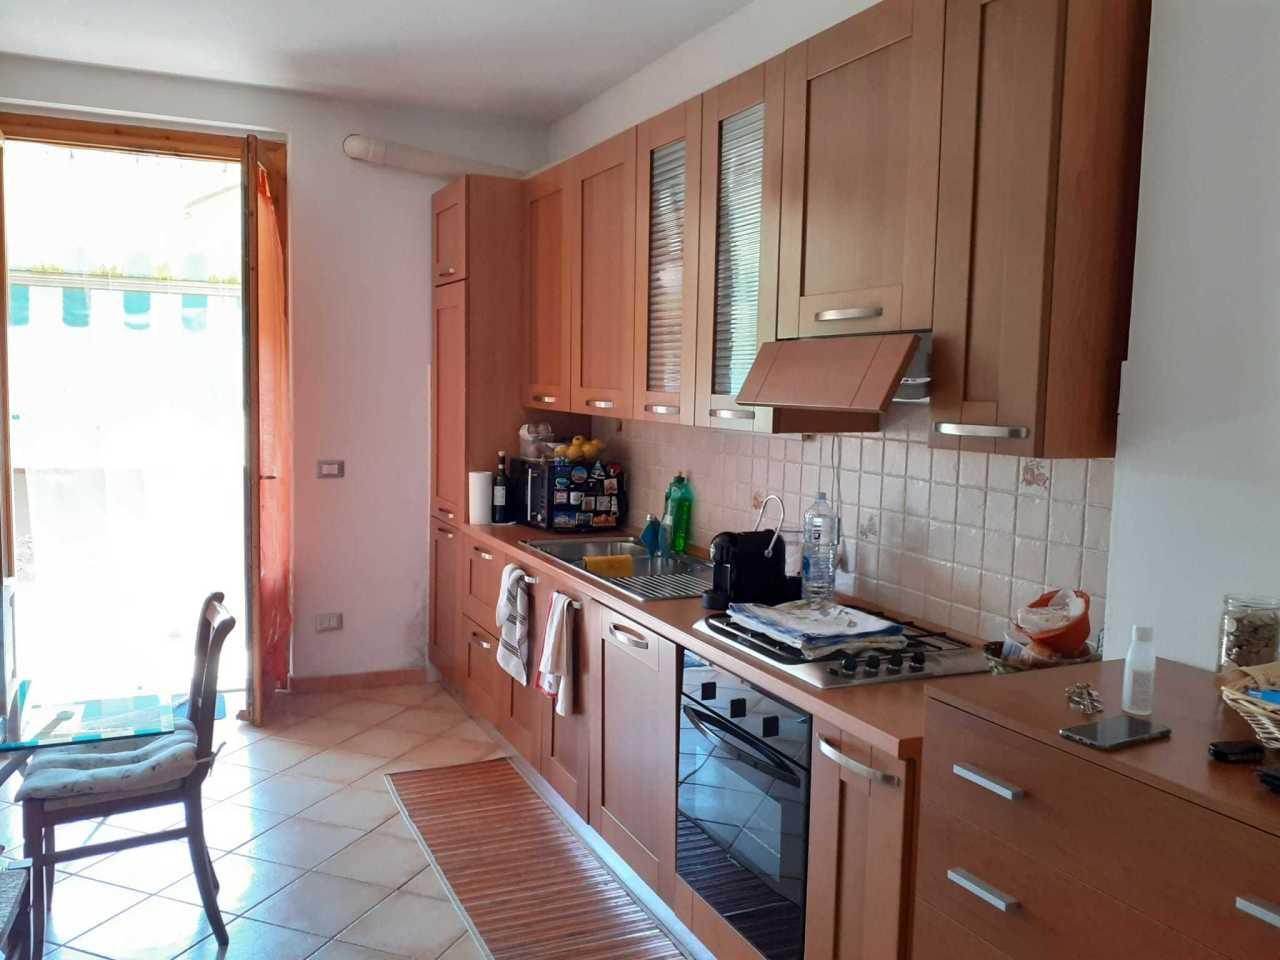 Appartamento in vendita a Sarzana, 3 locali, prezzo € 155.000 | PortaleAgenzieImmobiliari.it